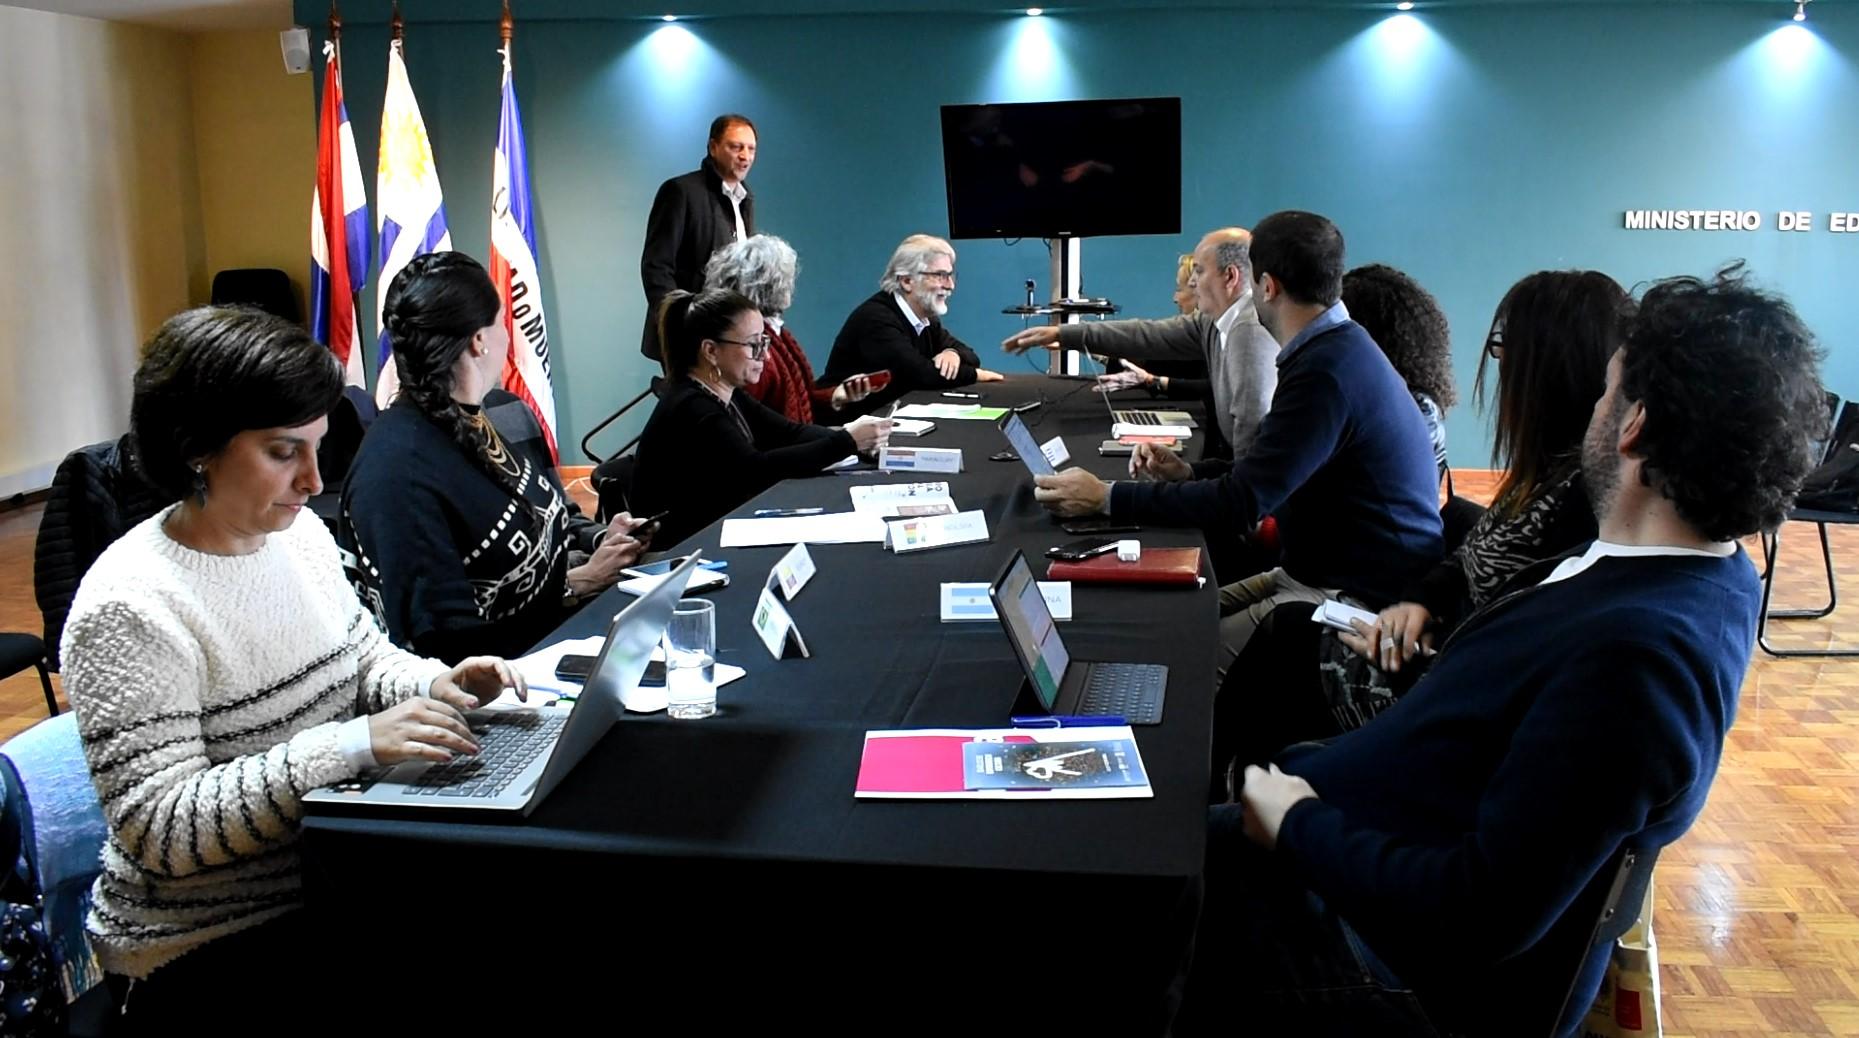 La reunión de expertos del MICSUR tuvo lugar el pasado 6 de setiembre en el MEC, en Ciudad Vieja. Foto: Carlos Loría / LARED21